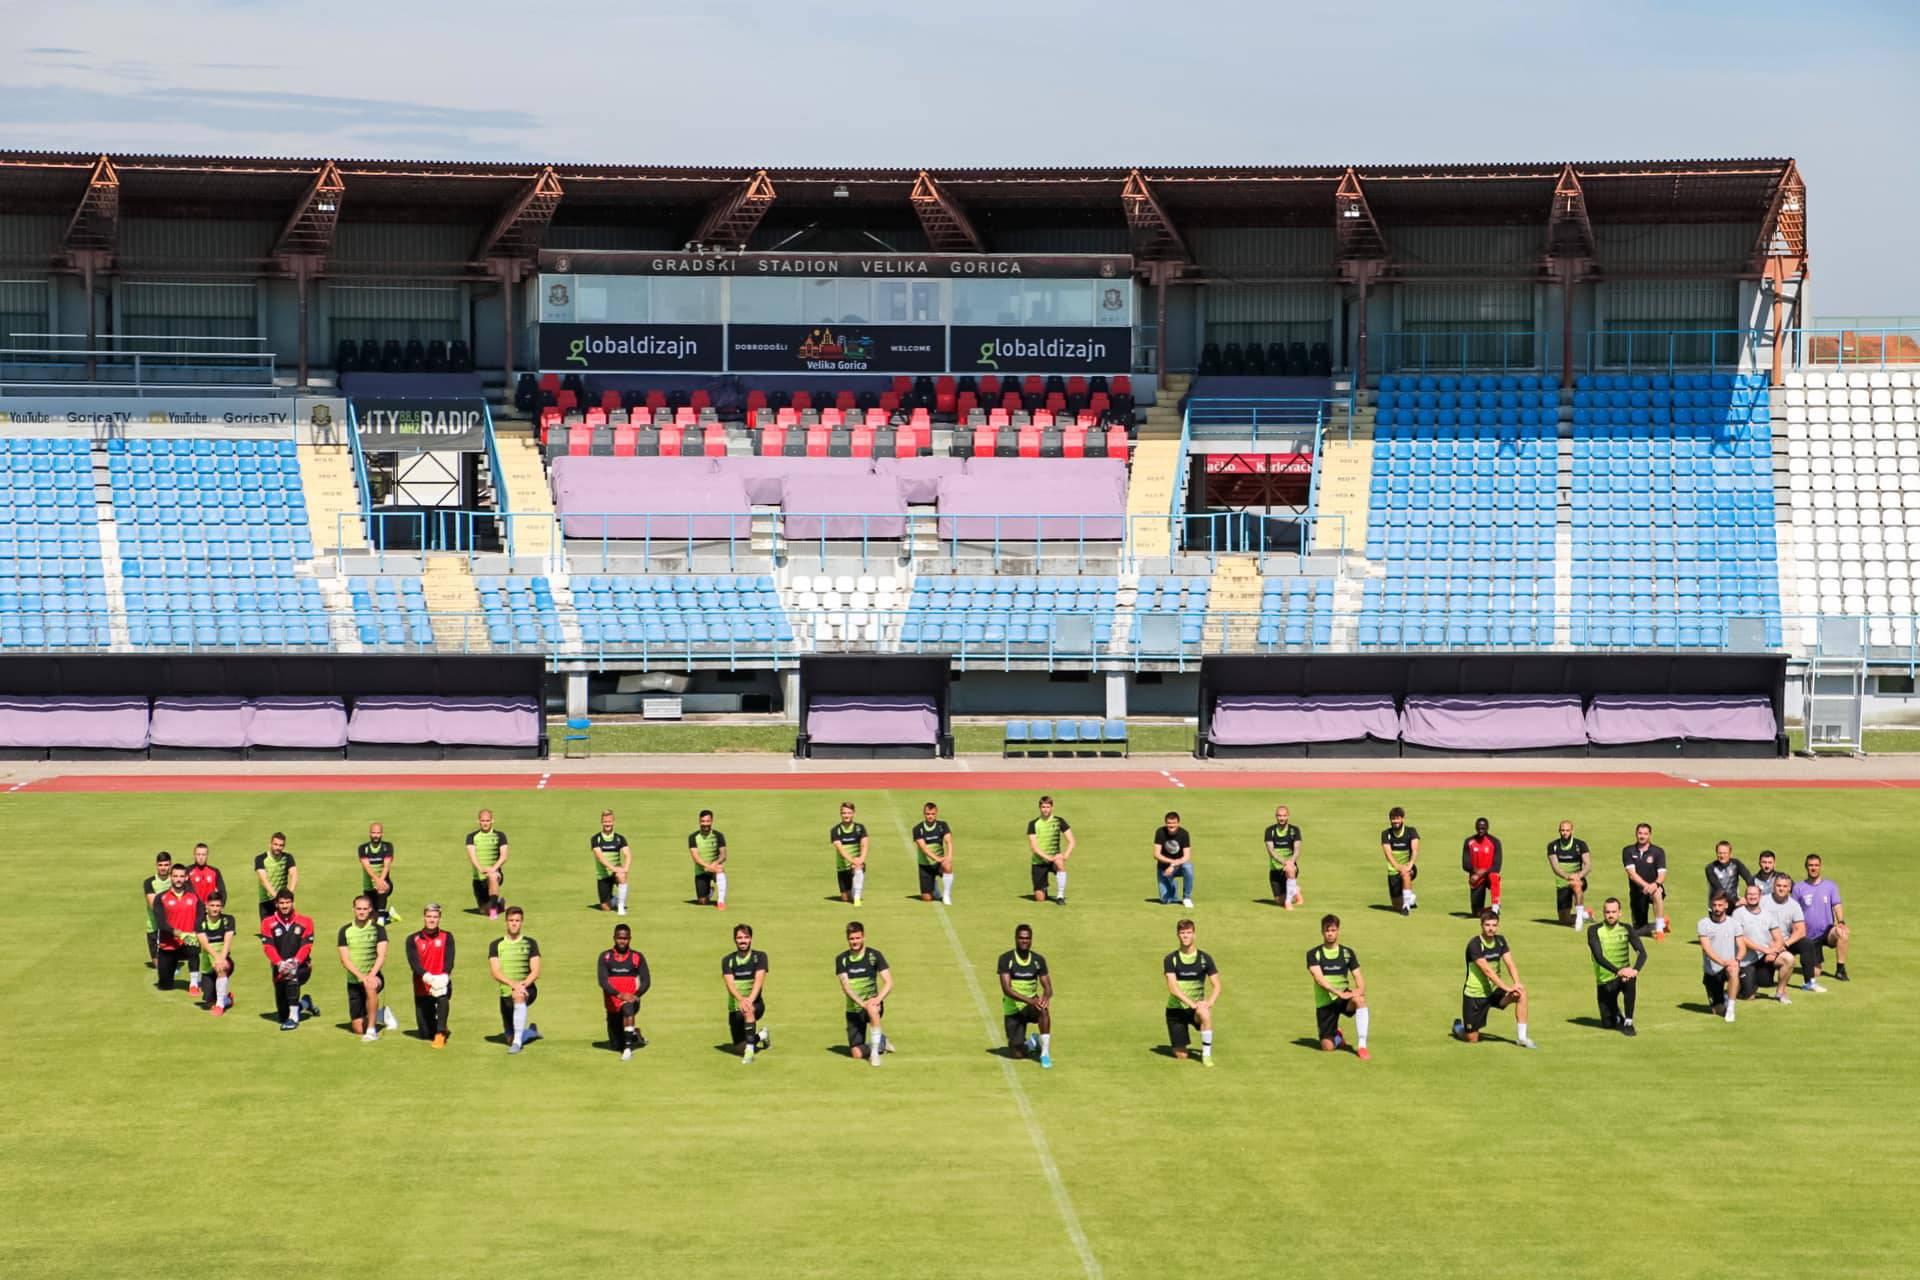 Bravo, Gorica: Zajedno protiv rasizma, zajedno za jednakost